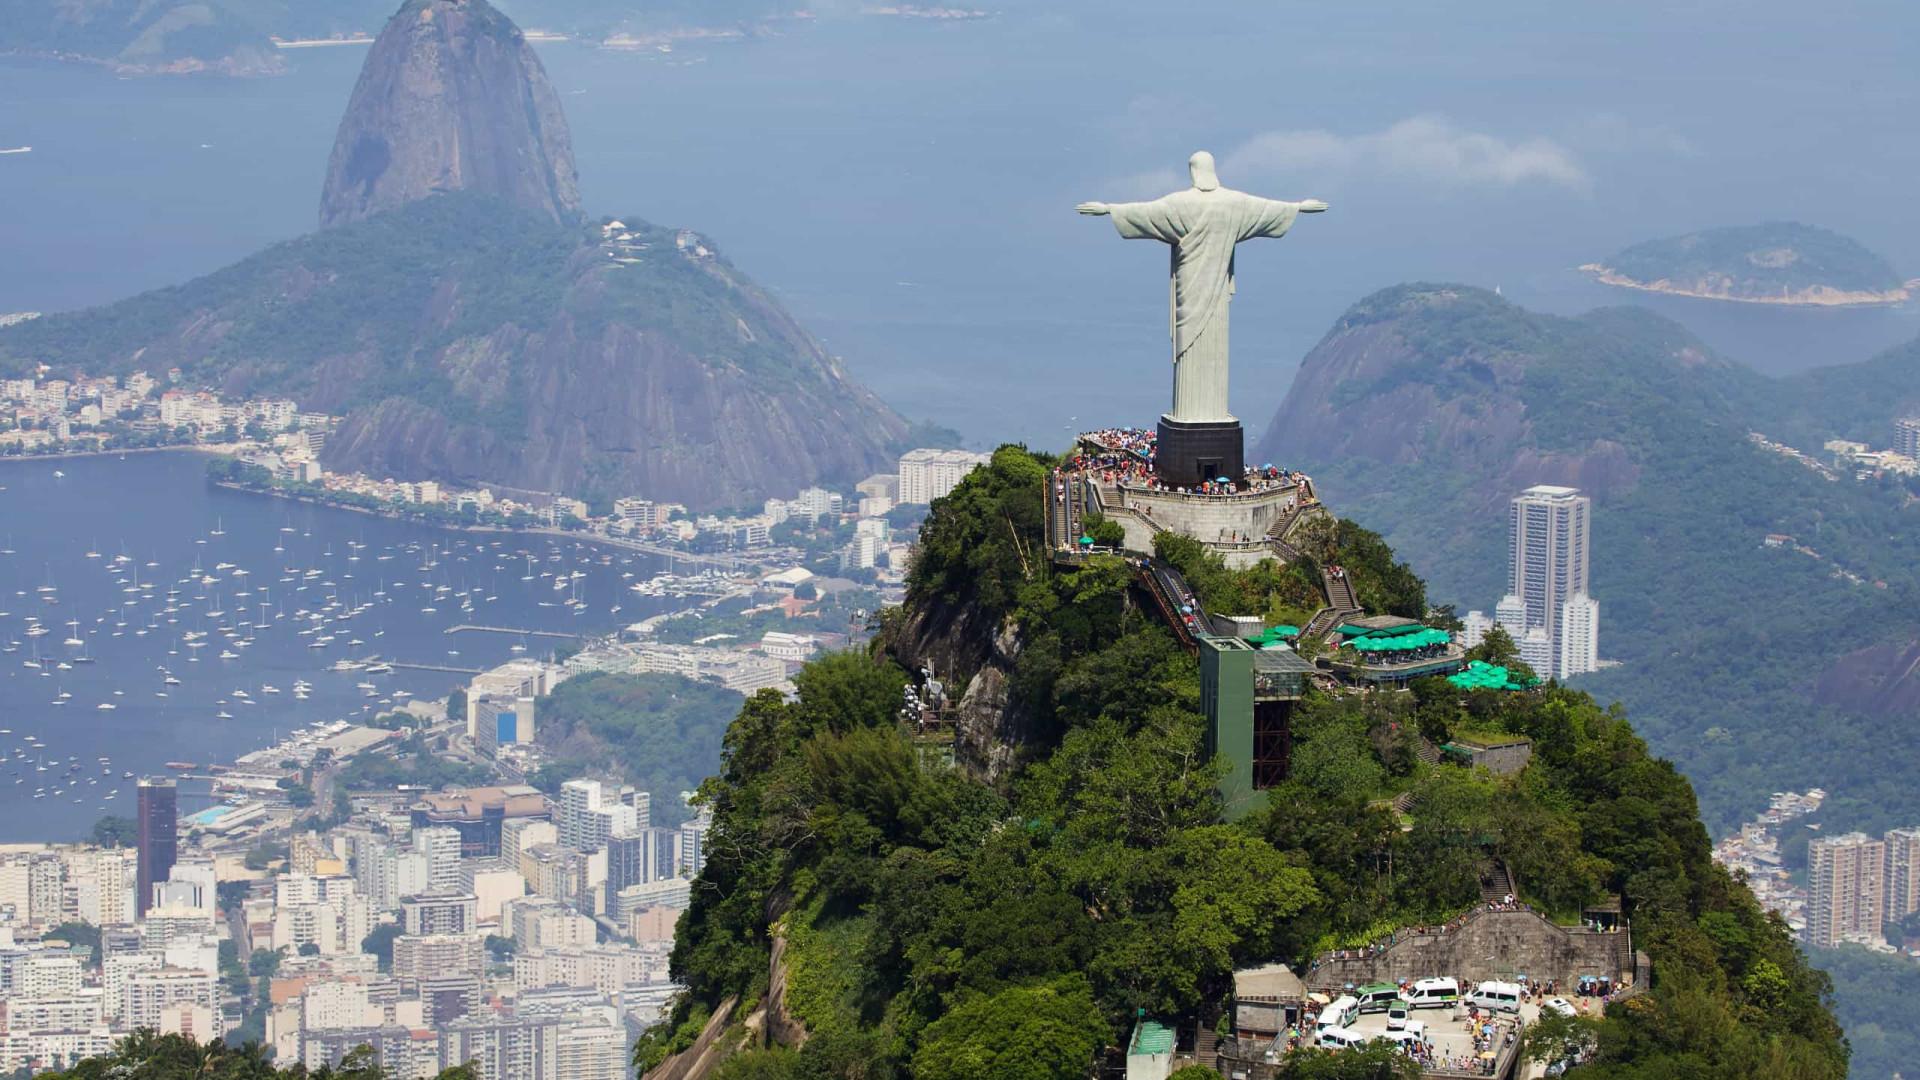 Monumento do Cristo Redentor completa 90 anos nesta terça